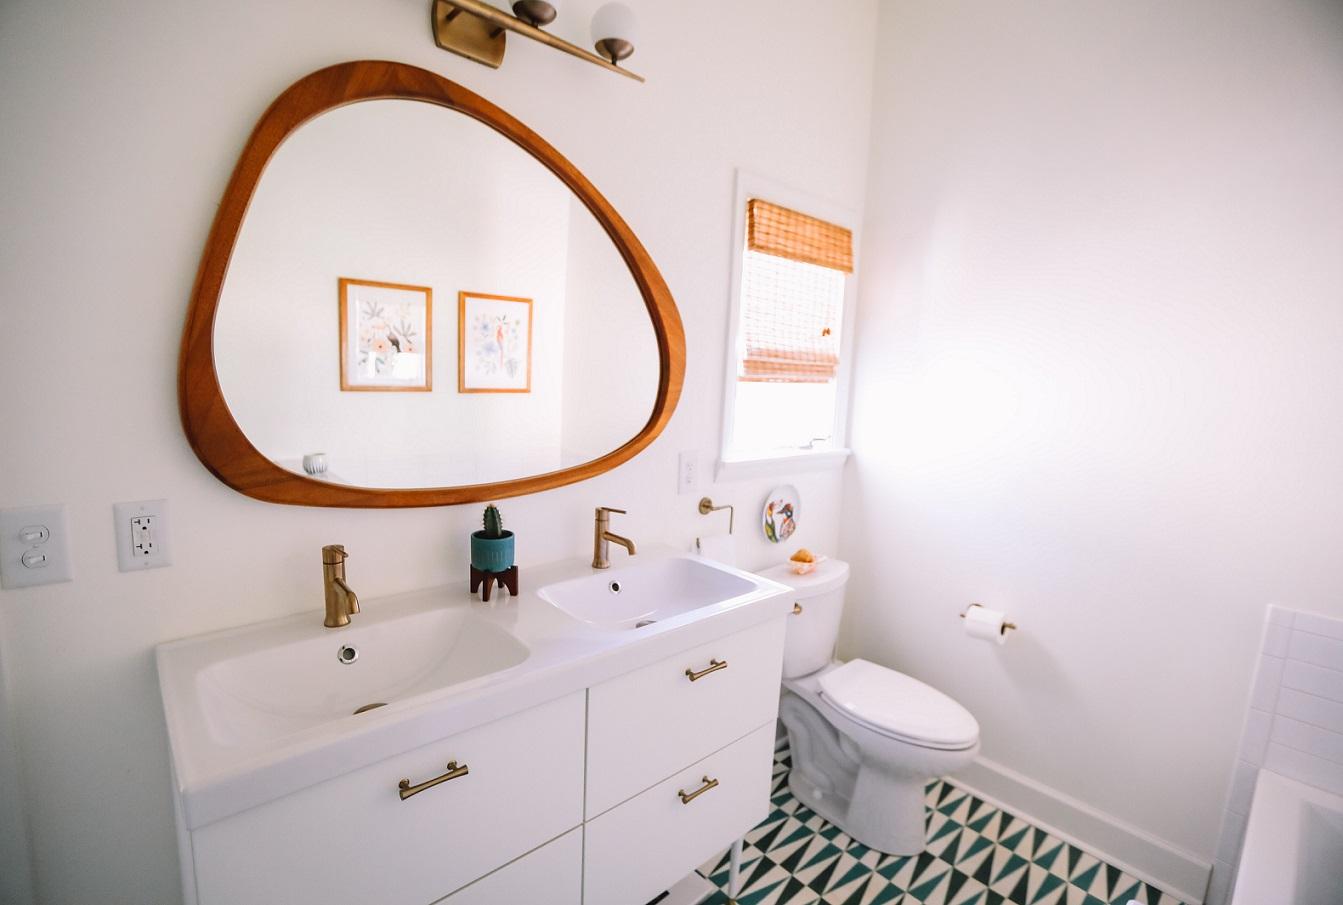 Como decorar o banheiro: dicas simples para transformar o espaço